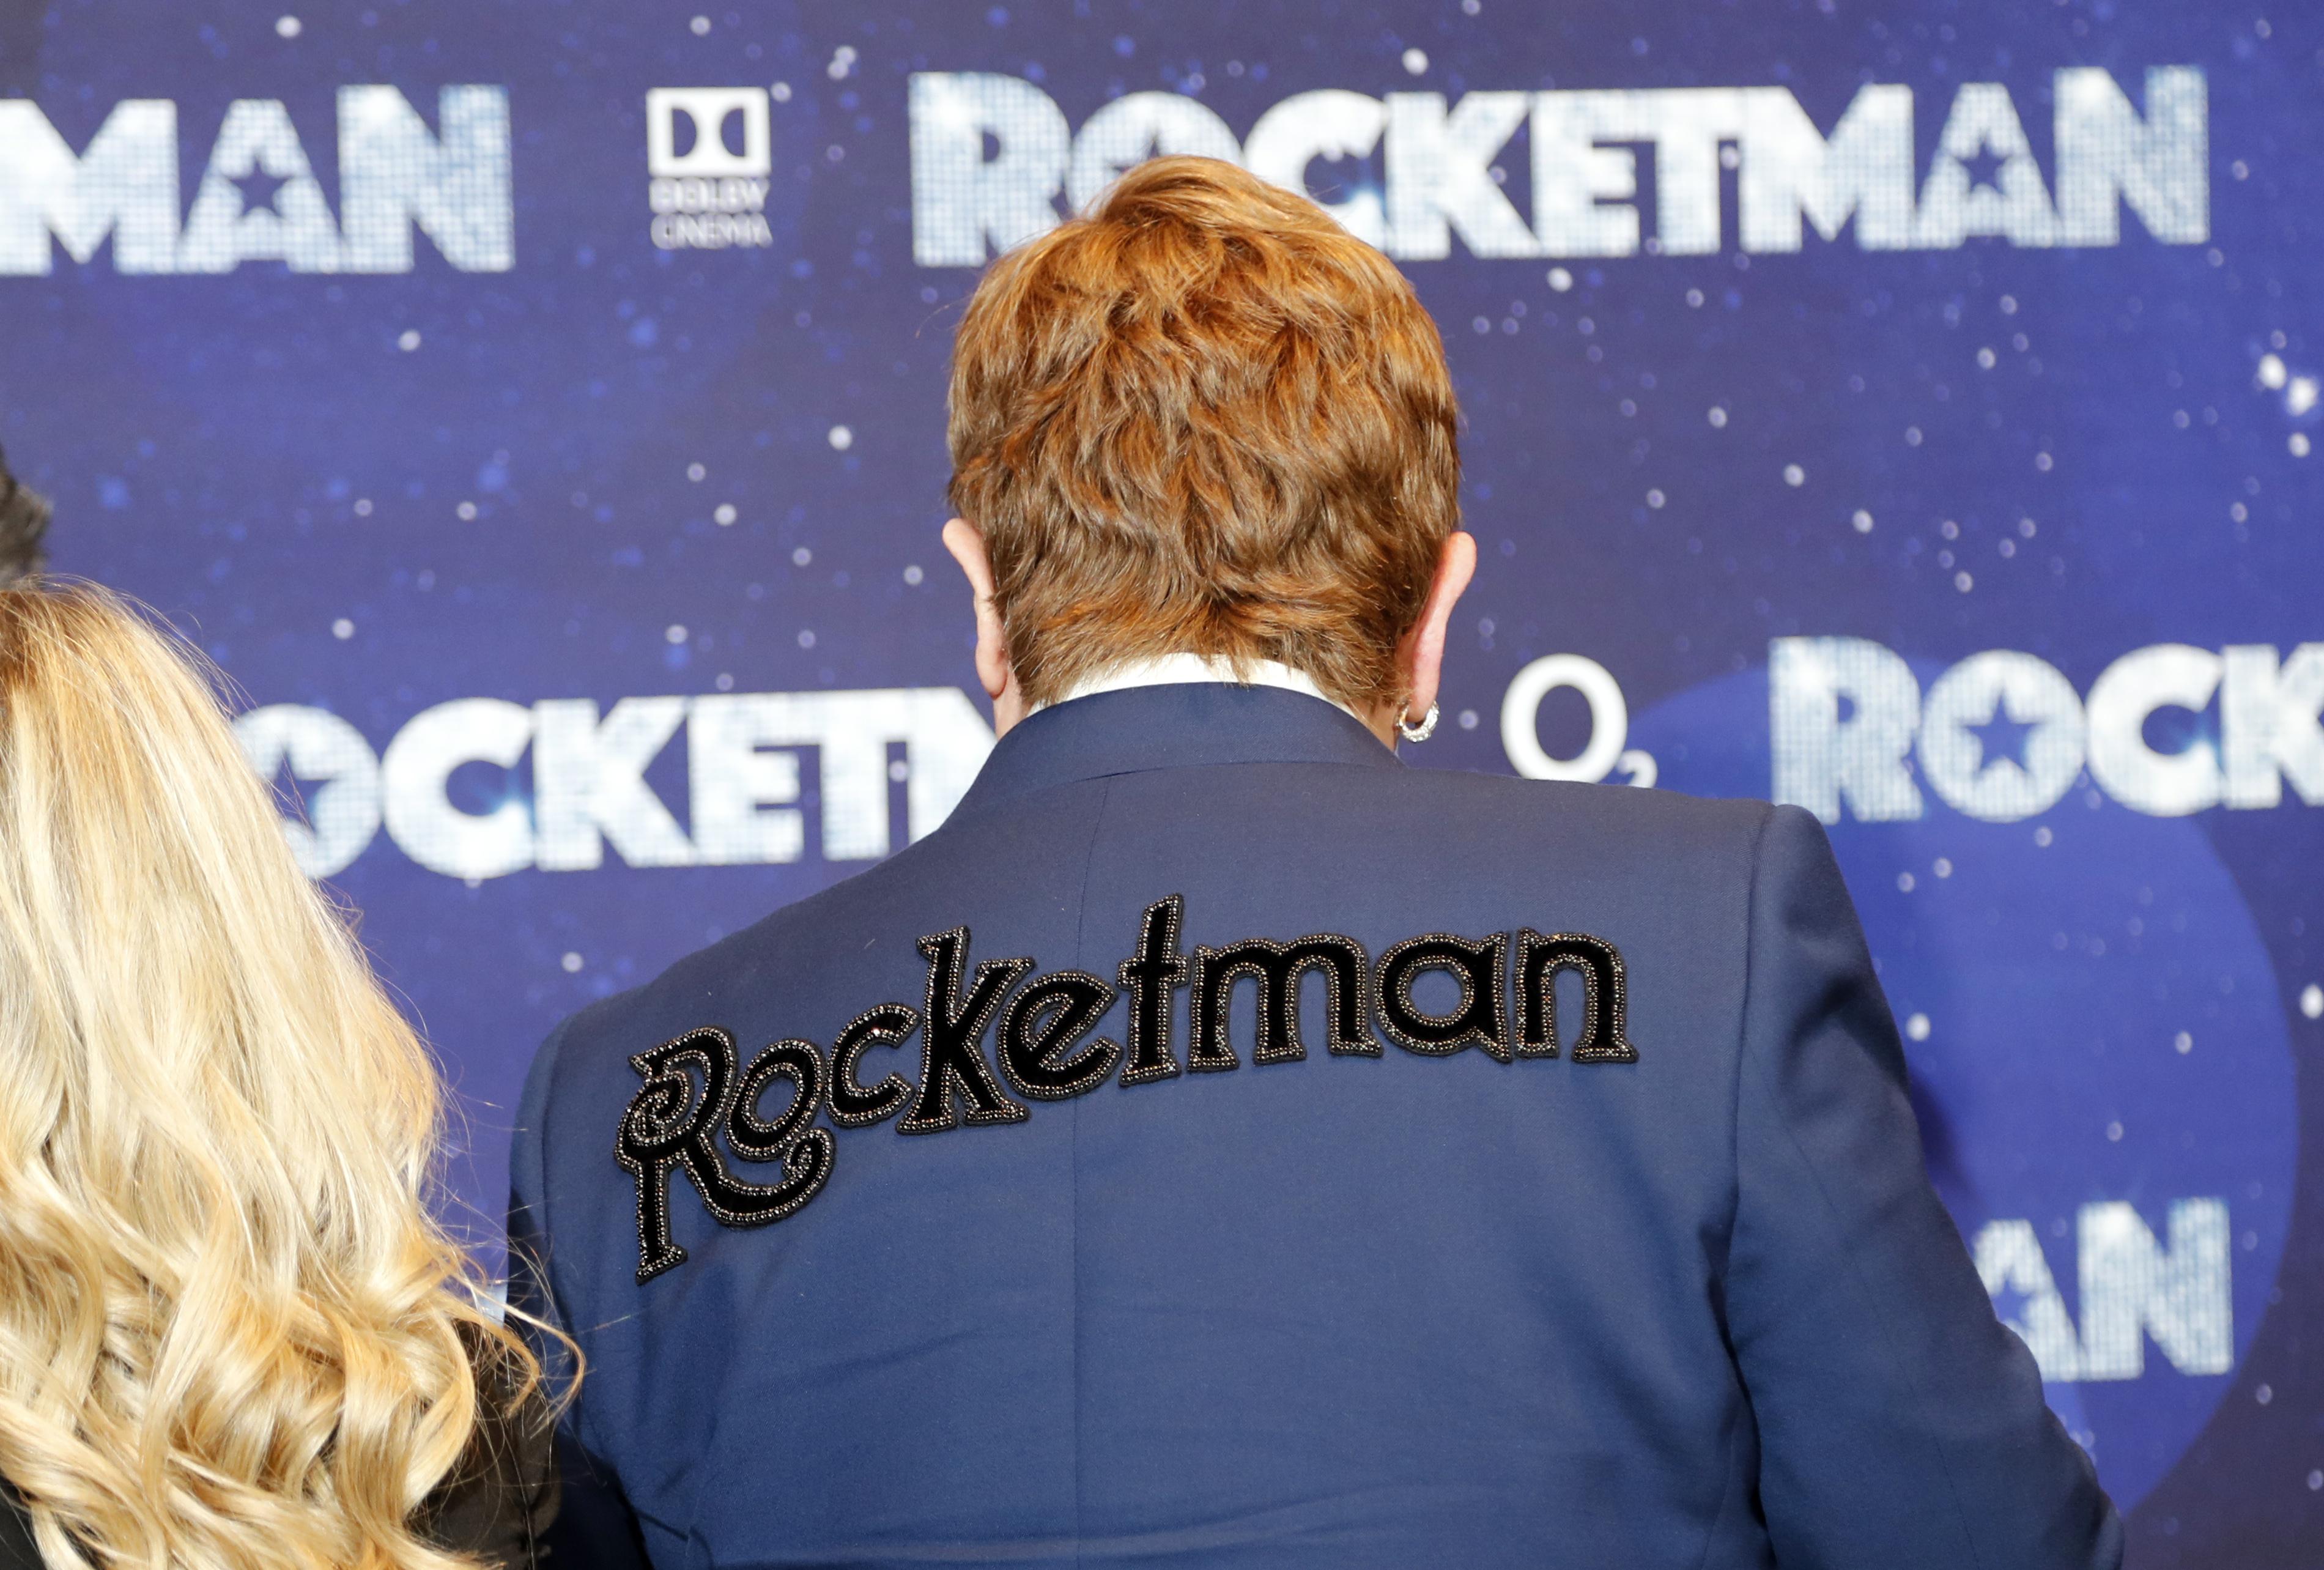 El extravagante músico lució una chaqueta con el nombre de la película a sus espaldas. (AP Photo/Frank Augstein)